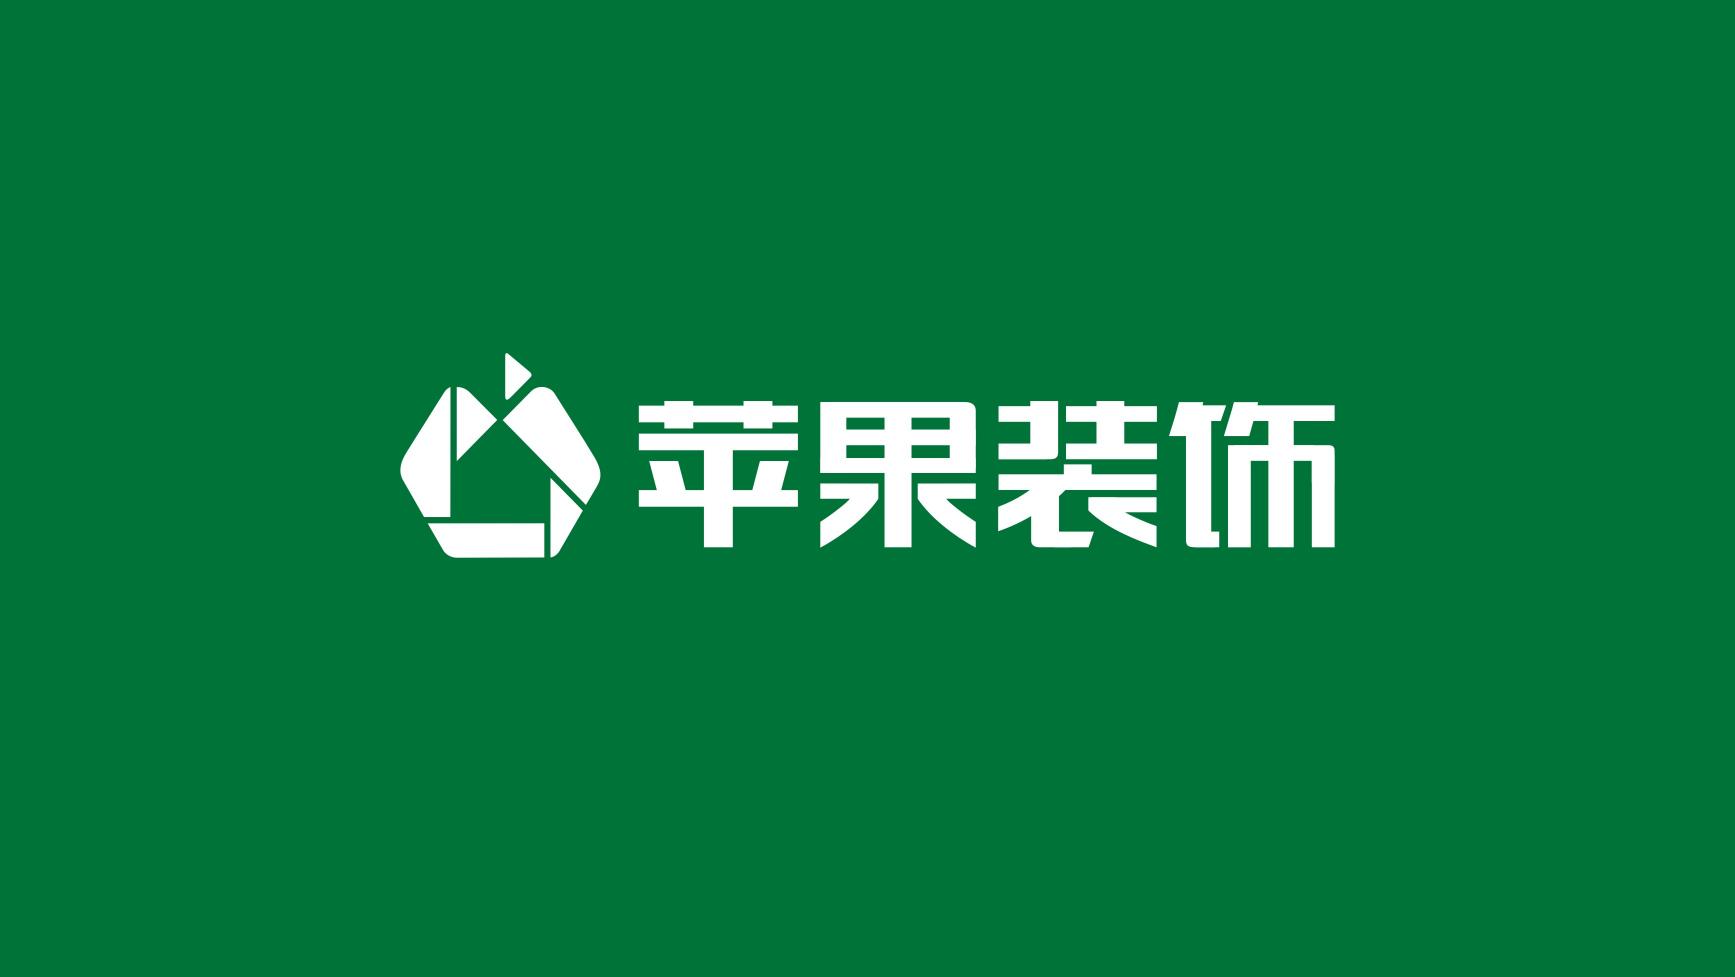 深圳苹果装饰设计工程有限公司